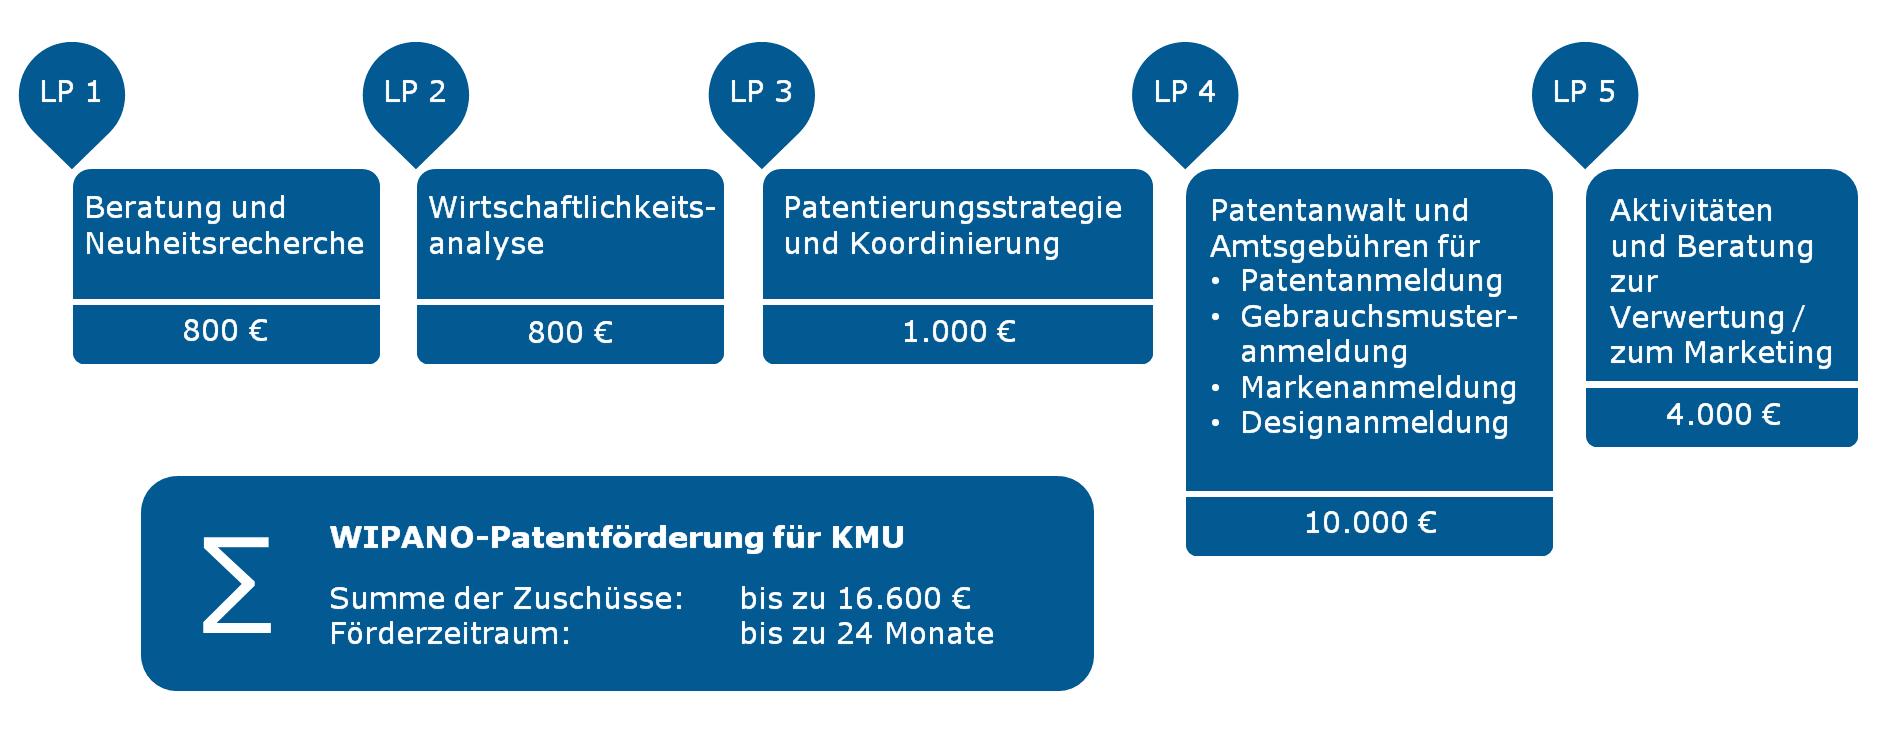 WIPANO-Leistungspakete und maximale Zuschusshöhe